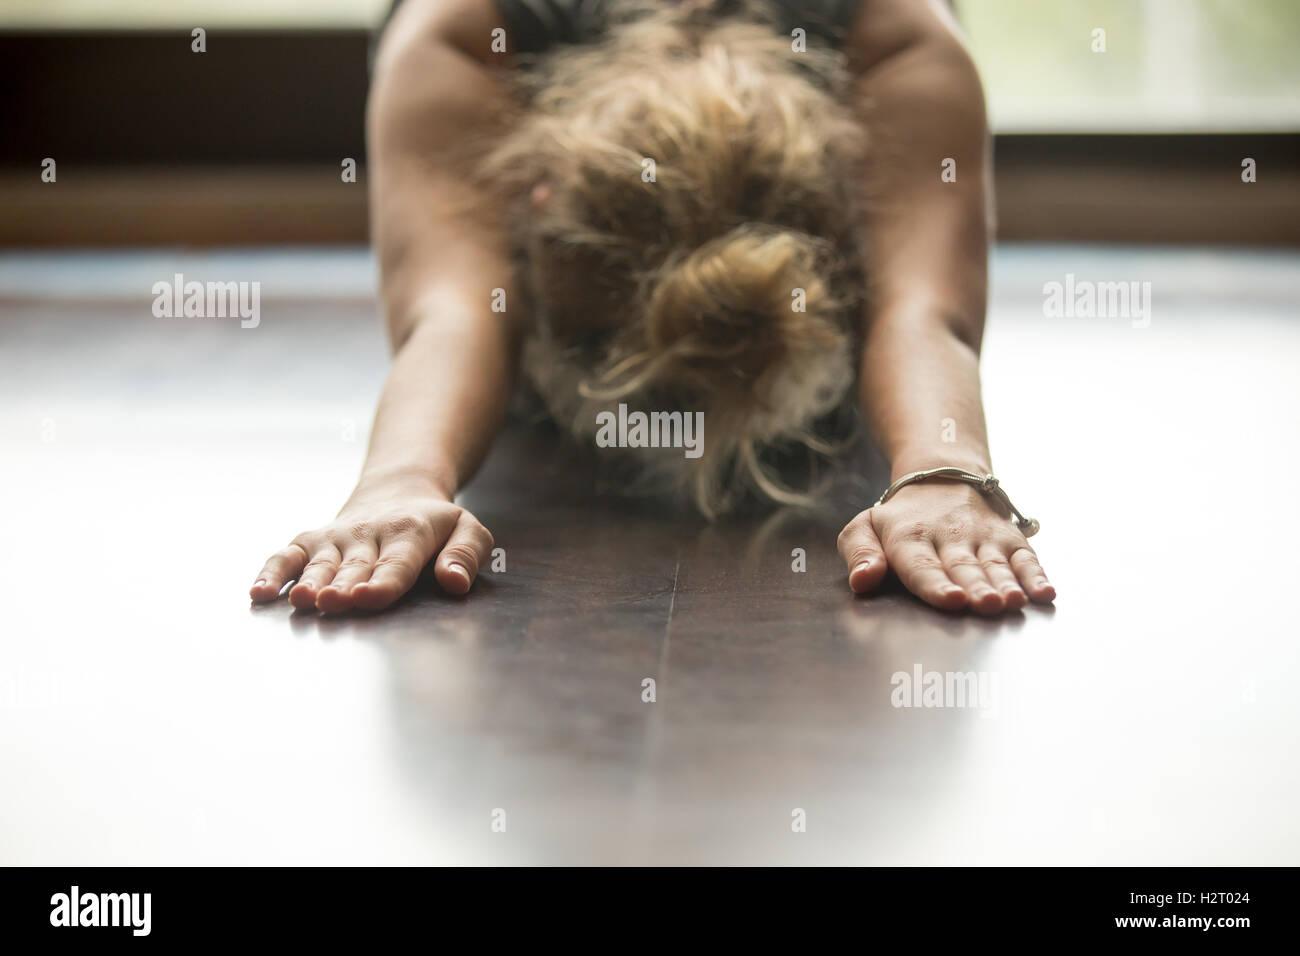 Yoga en casa: los niños plantean Imagen De Stock